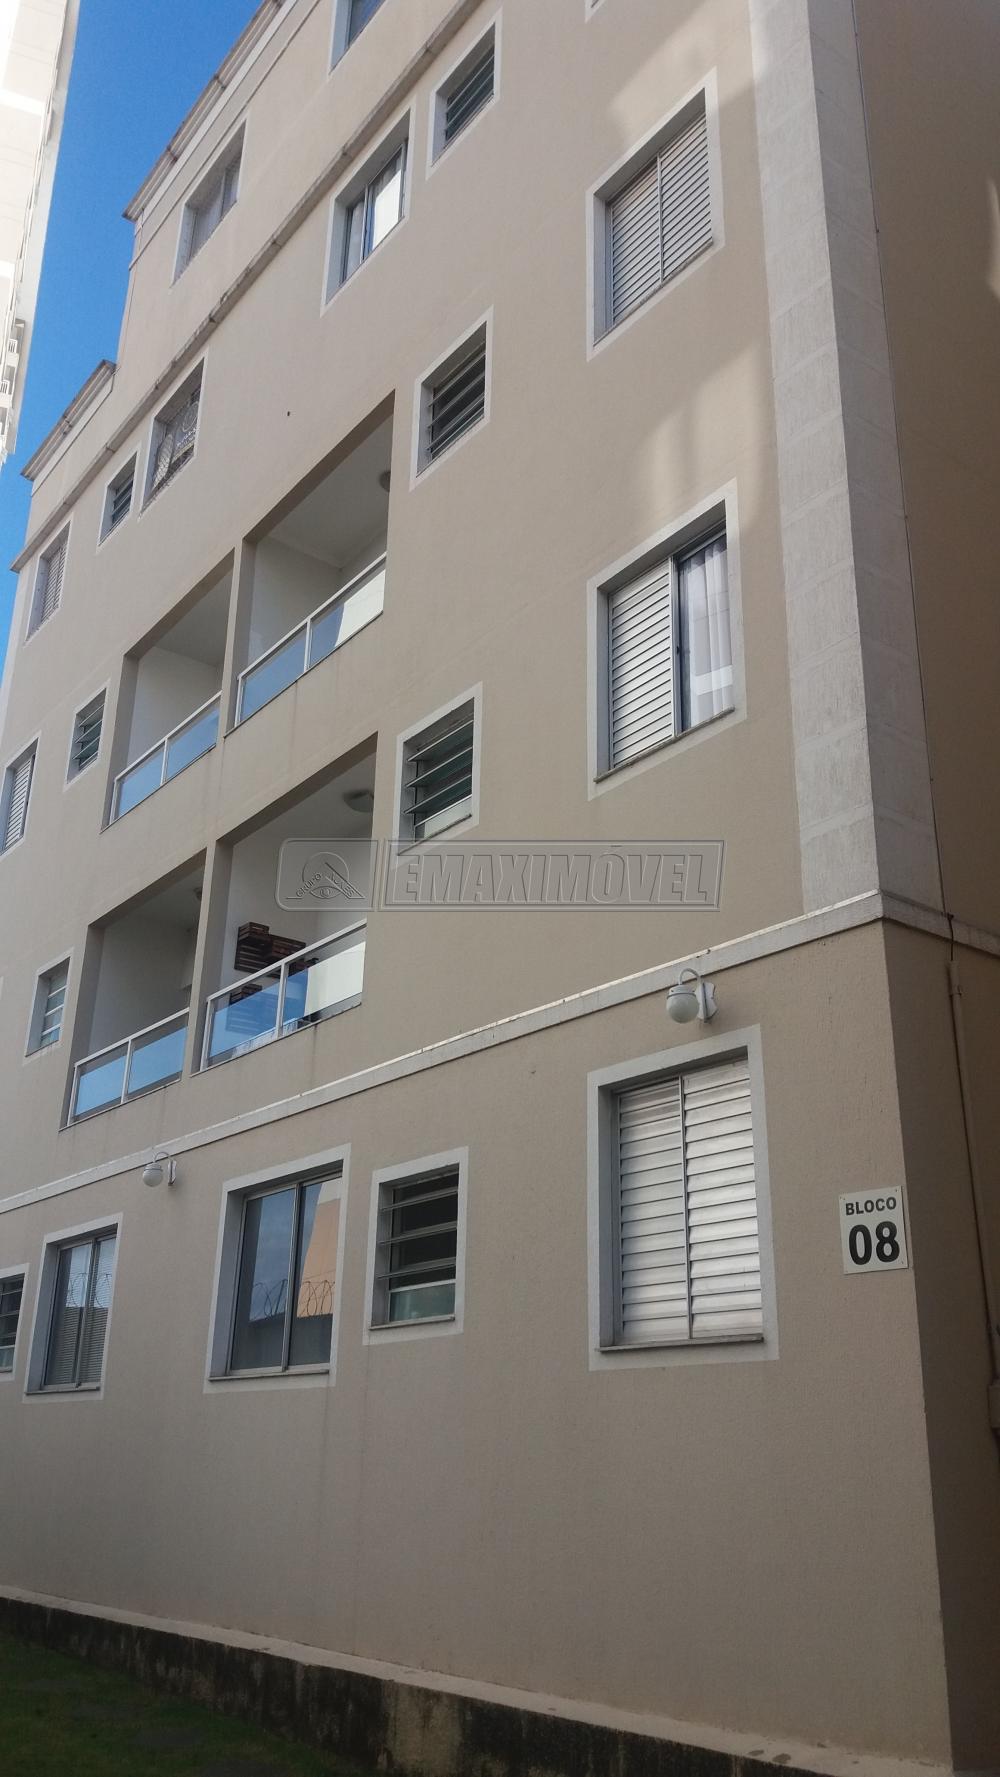 Comprar Apartamentos / Apto Padrão em Sorocaba apenas R$ 190.000,00 - Foto 2